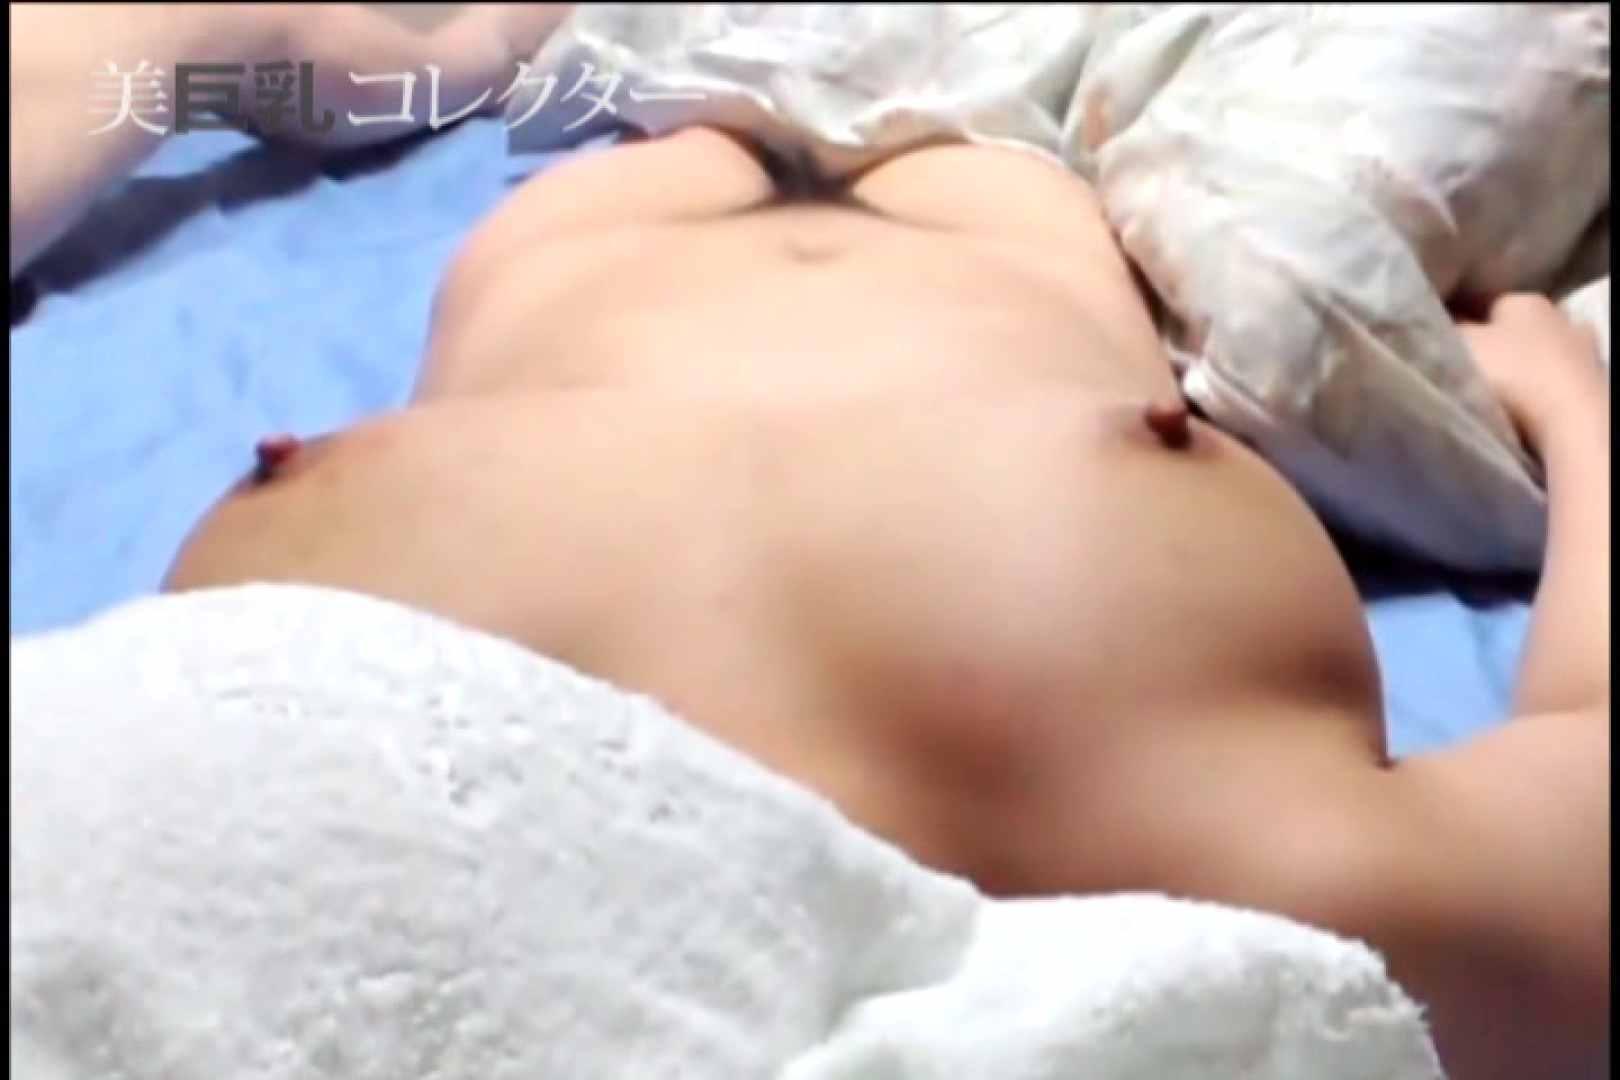 泥酔Hカップ爆乳ギャル2 ギャル  81連発 21